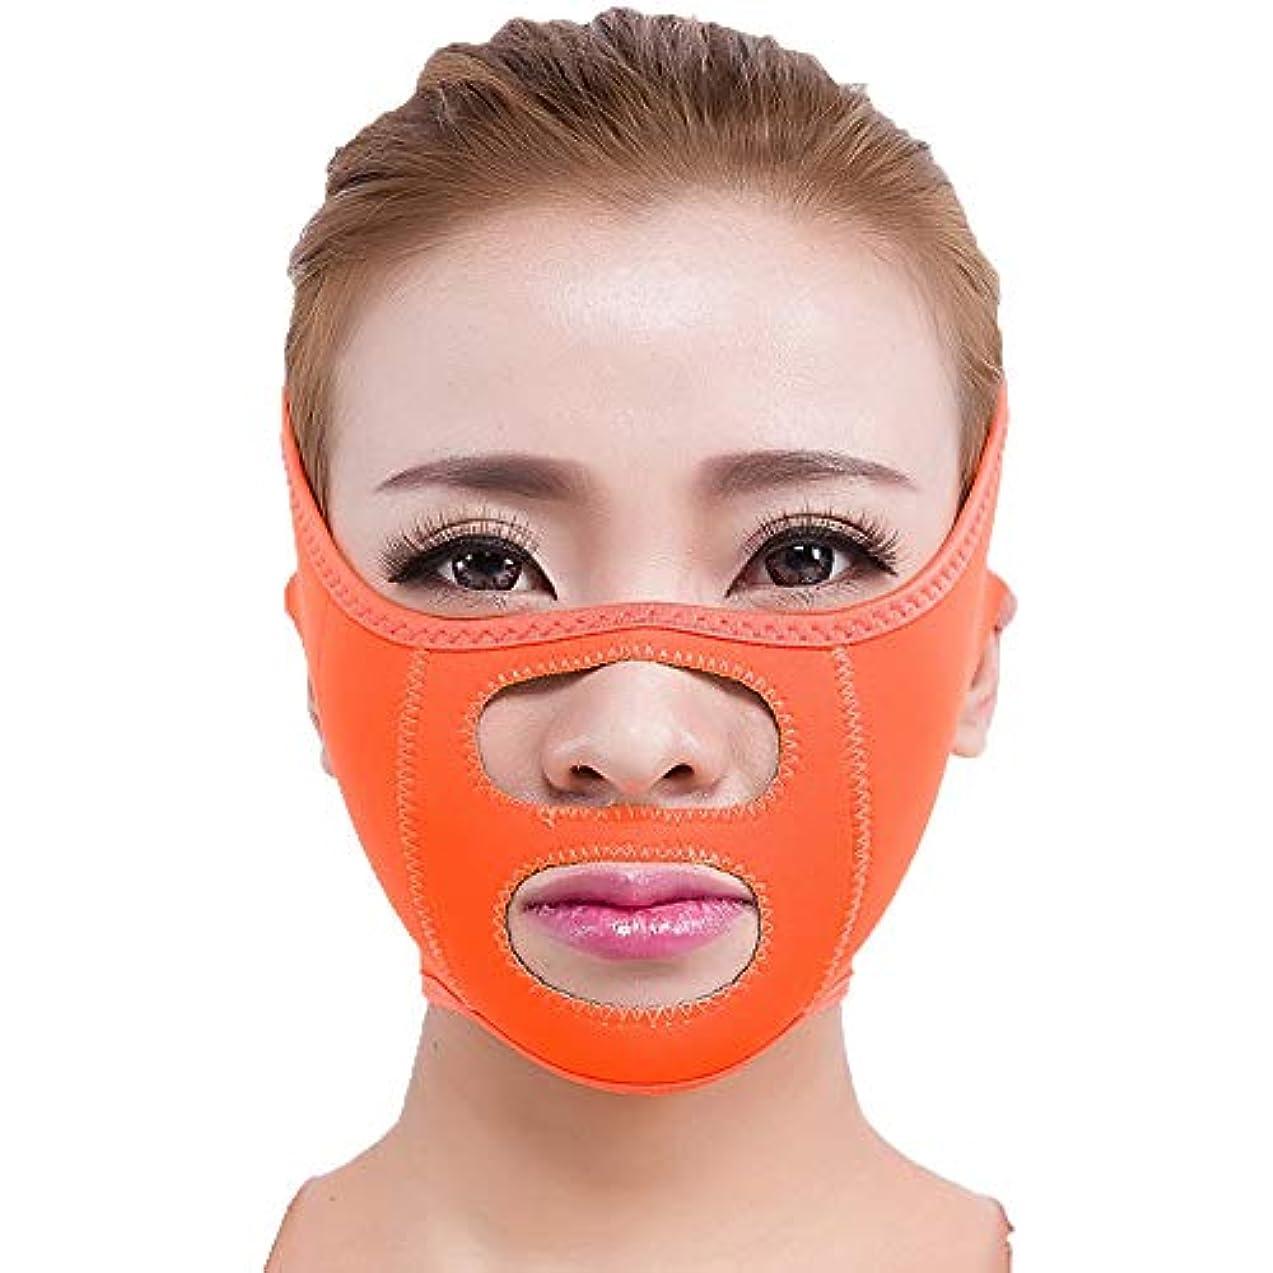 クルー有益な動く二重顎の圧力低下装置、睡眠薄い顔のベルト小さなvの顔の器械の包帯マスク持ち上げる顔のステッカー,Orange